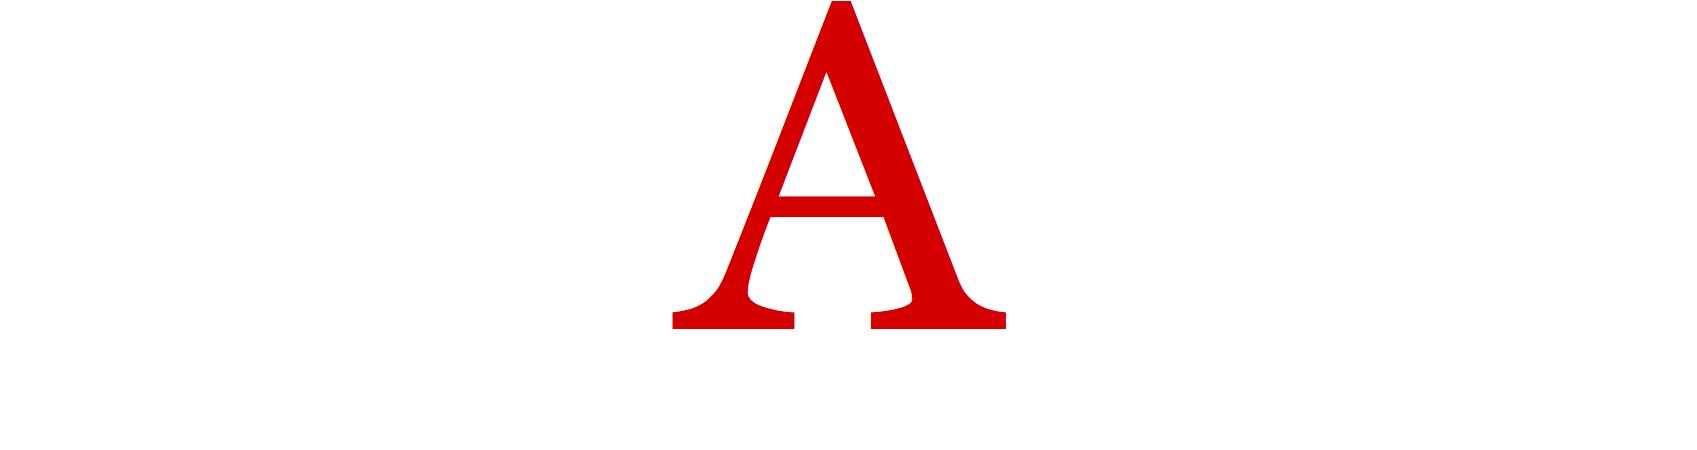 ByggAktör i Karlstad AB